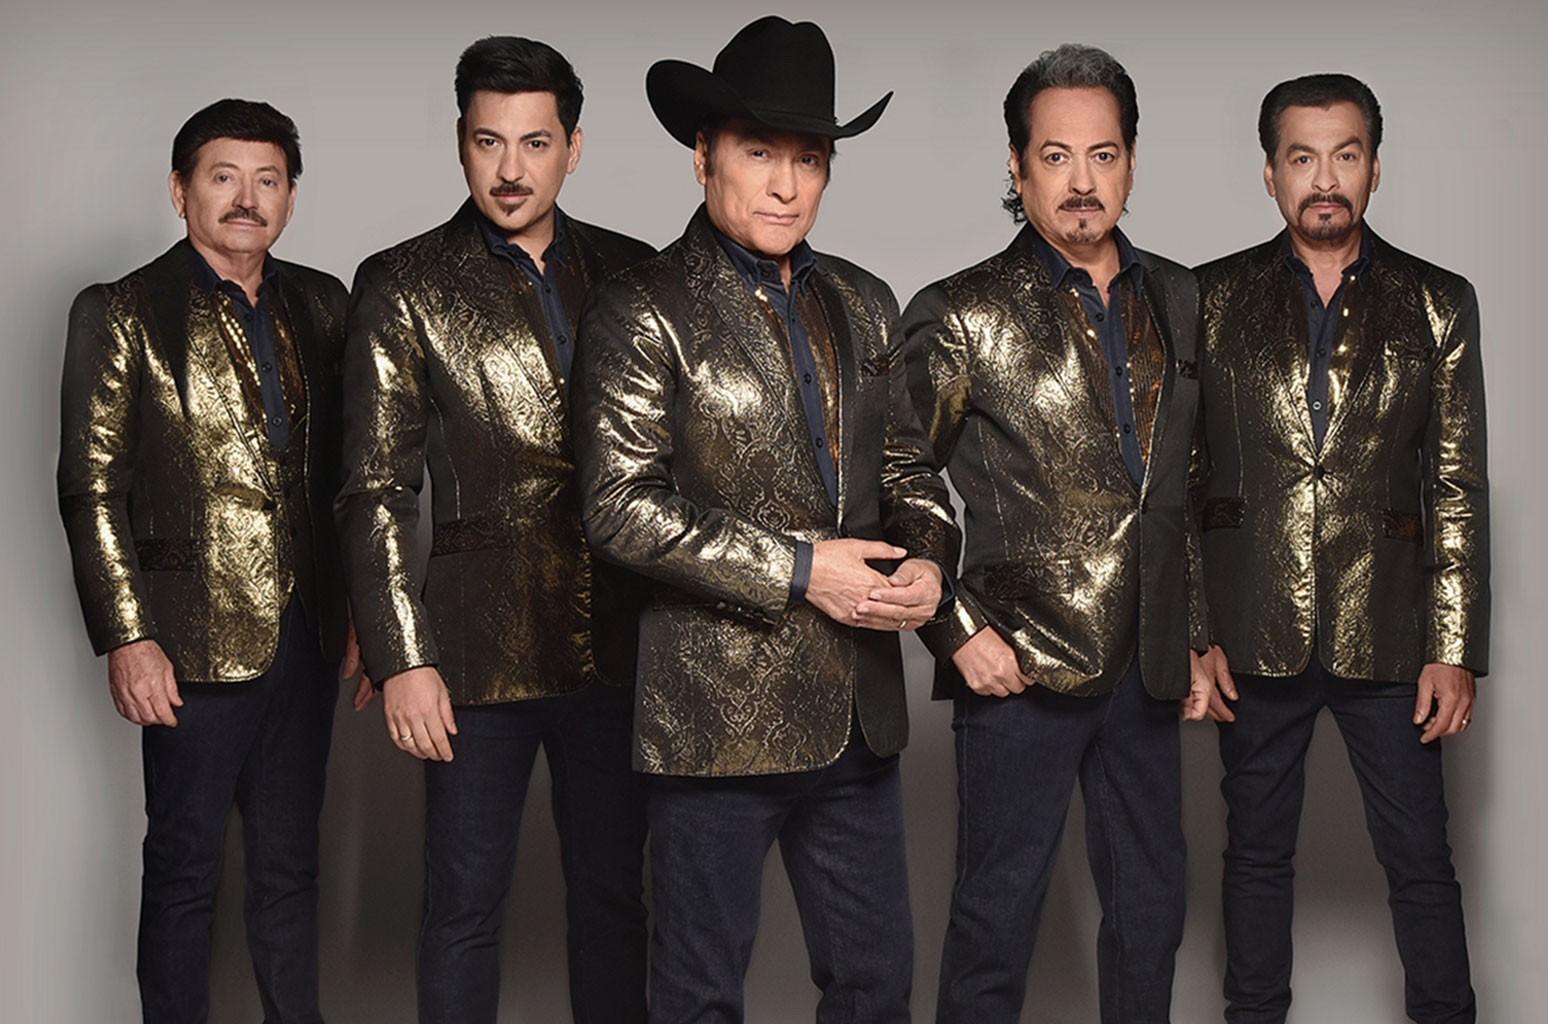 5 вдохновляющих моментов в латиноамериканской музыке на этой неделе (13 февраля)